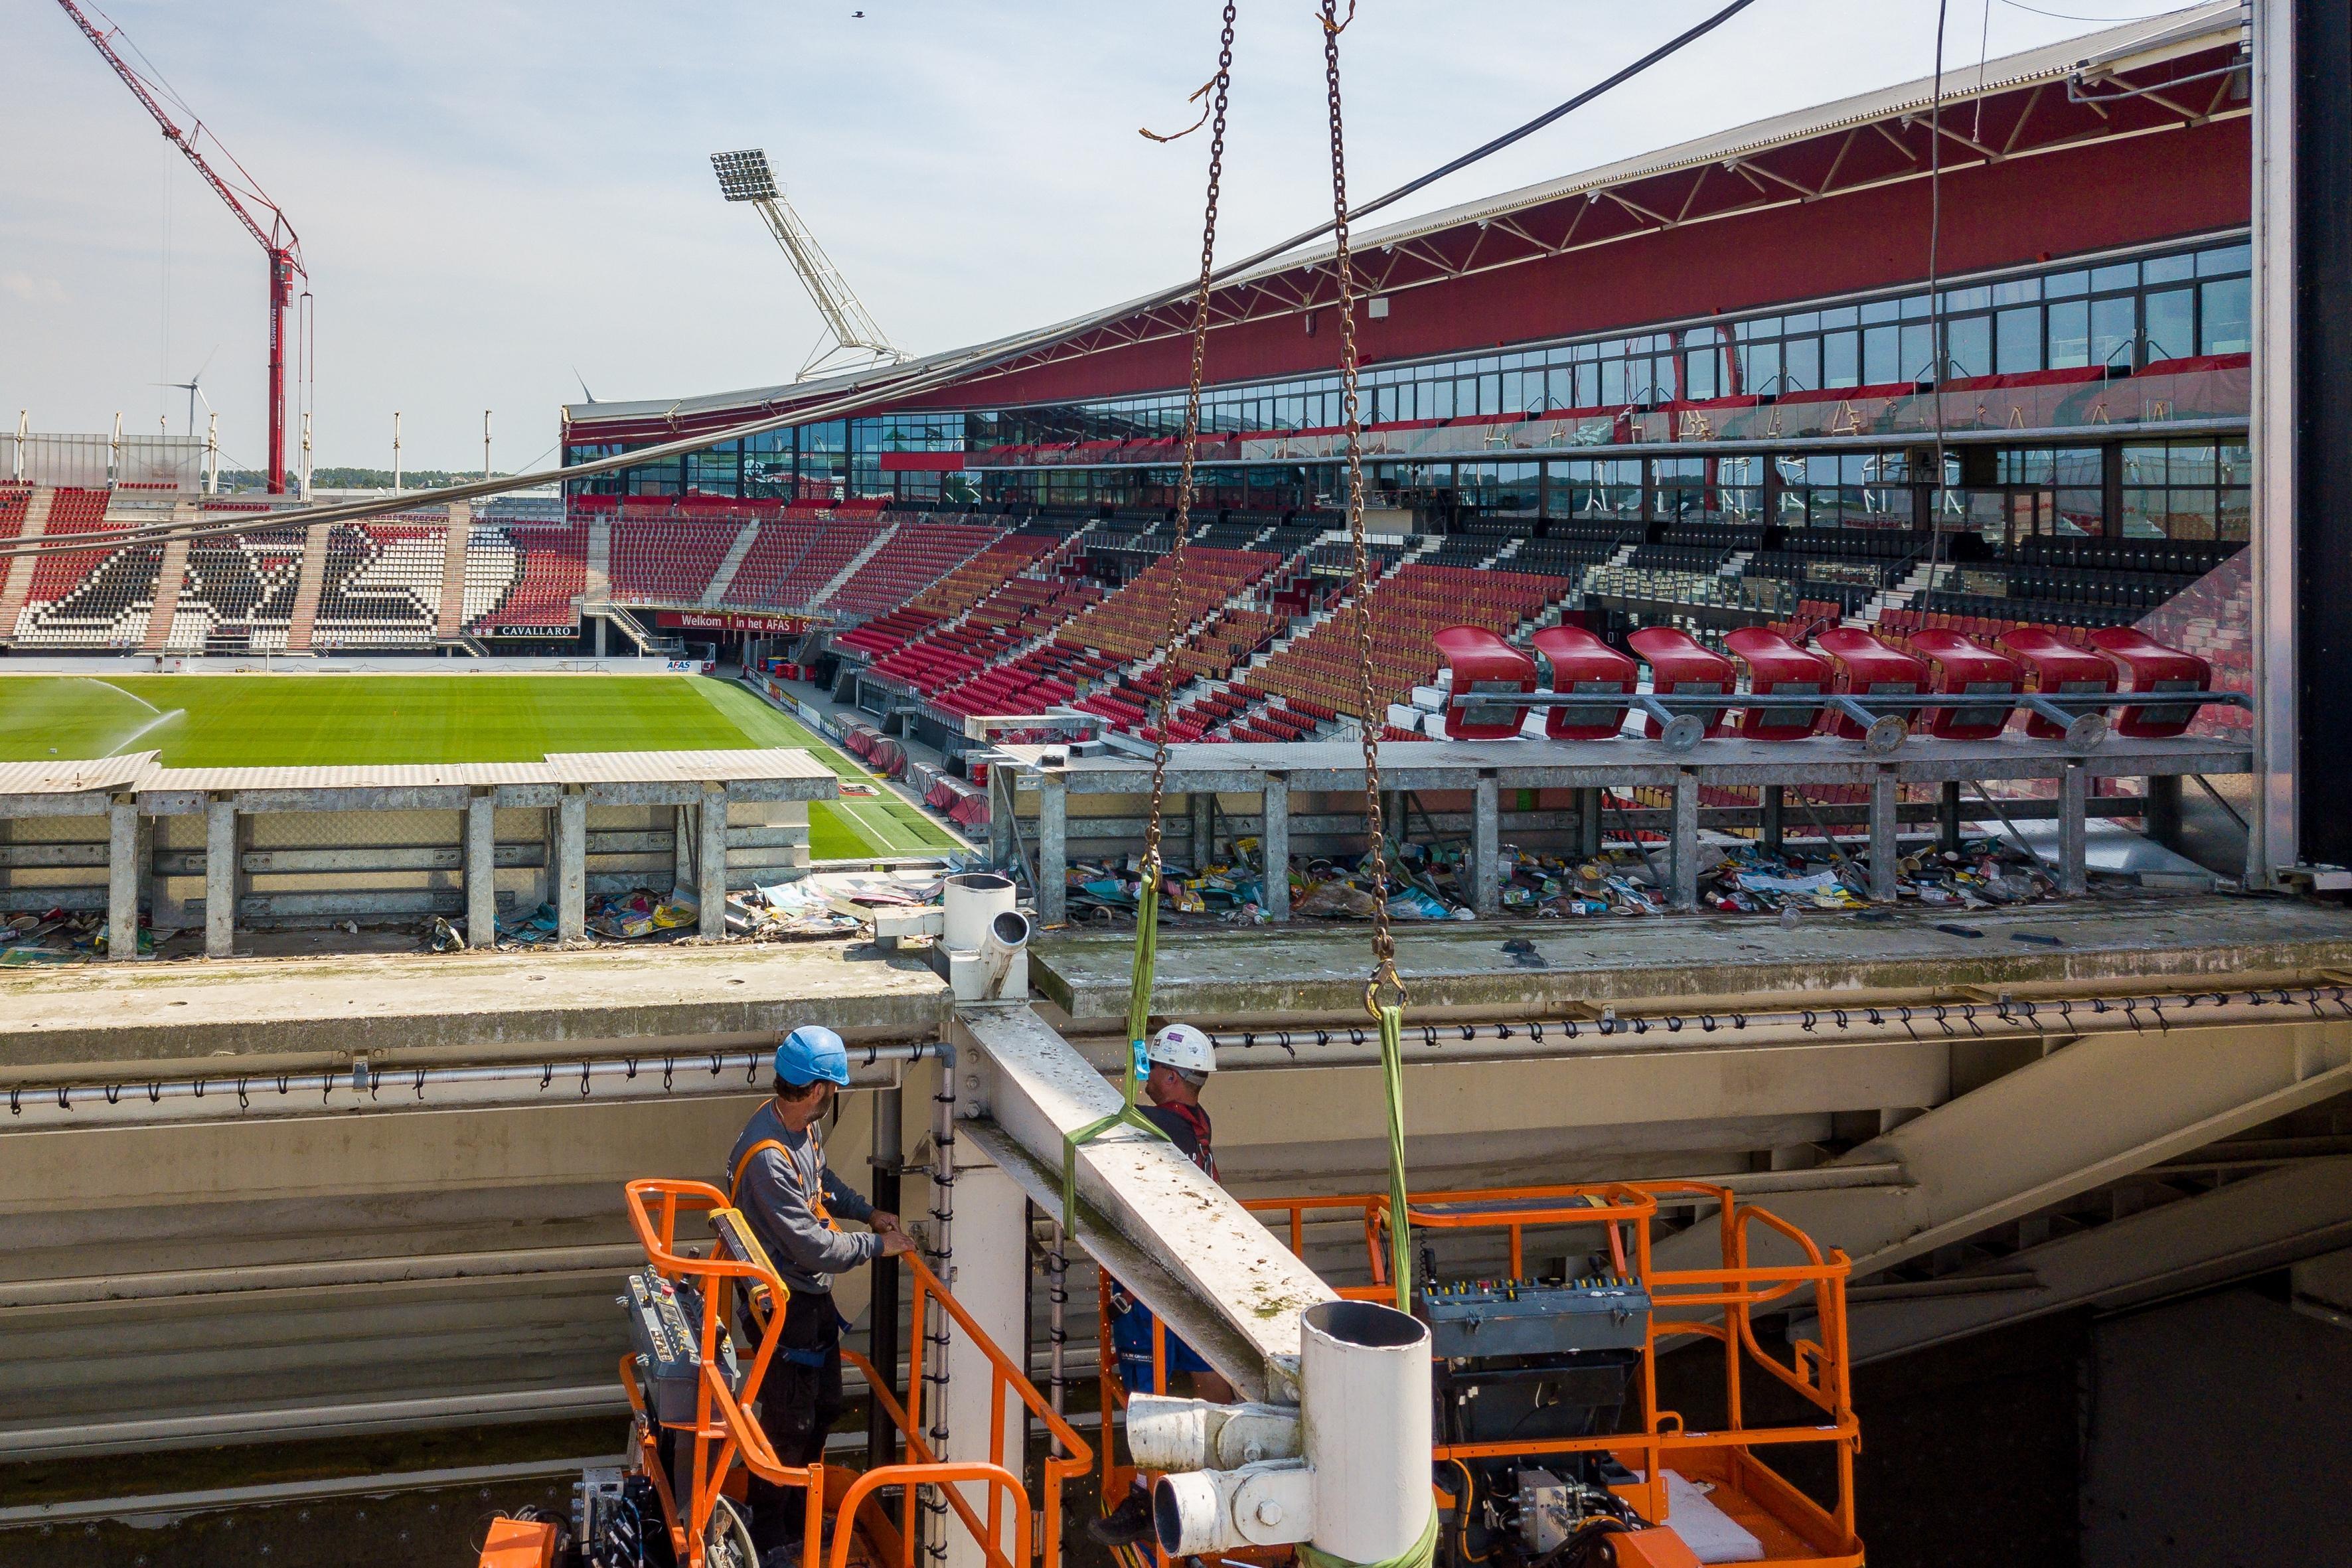 Eerst demontage, daarna bouw van het nieuwe dak van het AZ-stadion